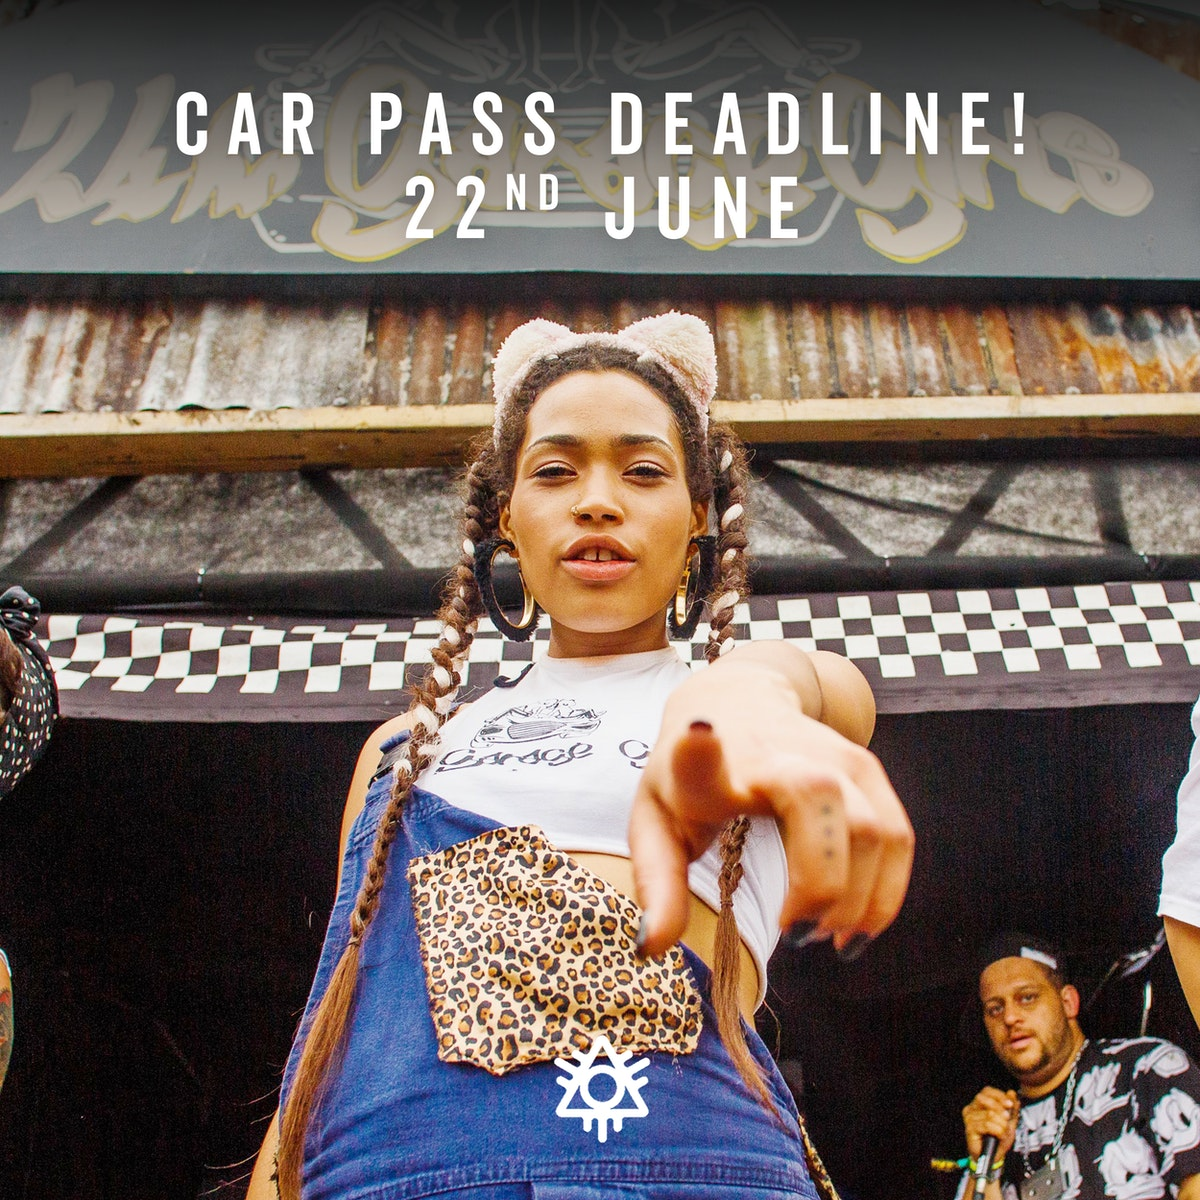 Car Pass Deadline: 22nd June!!!